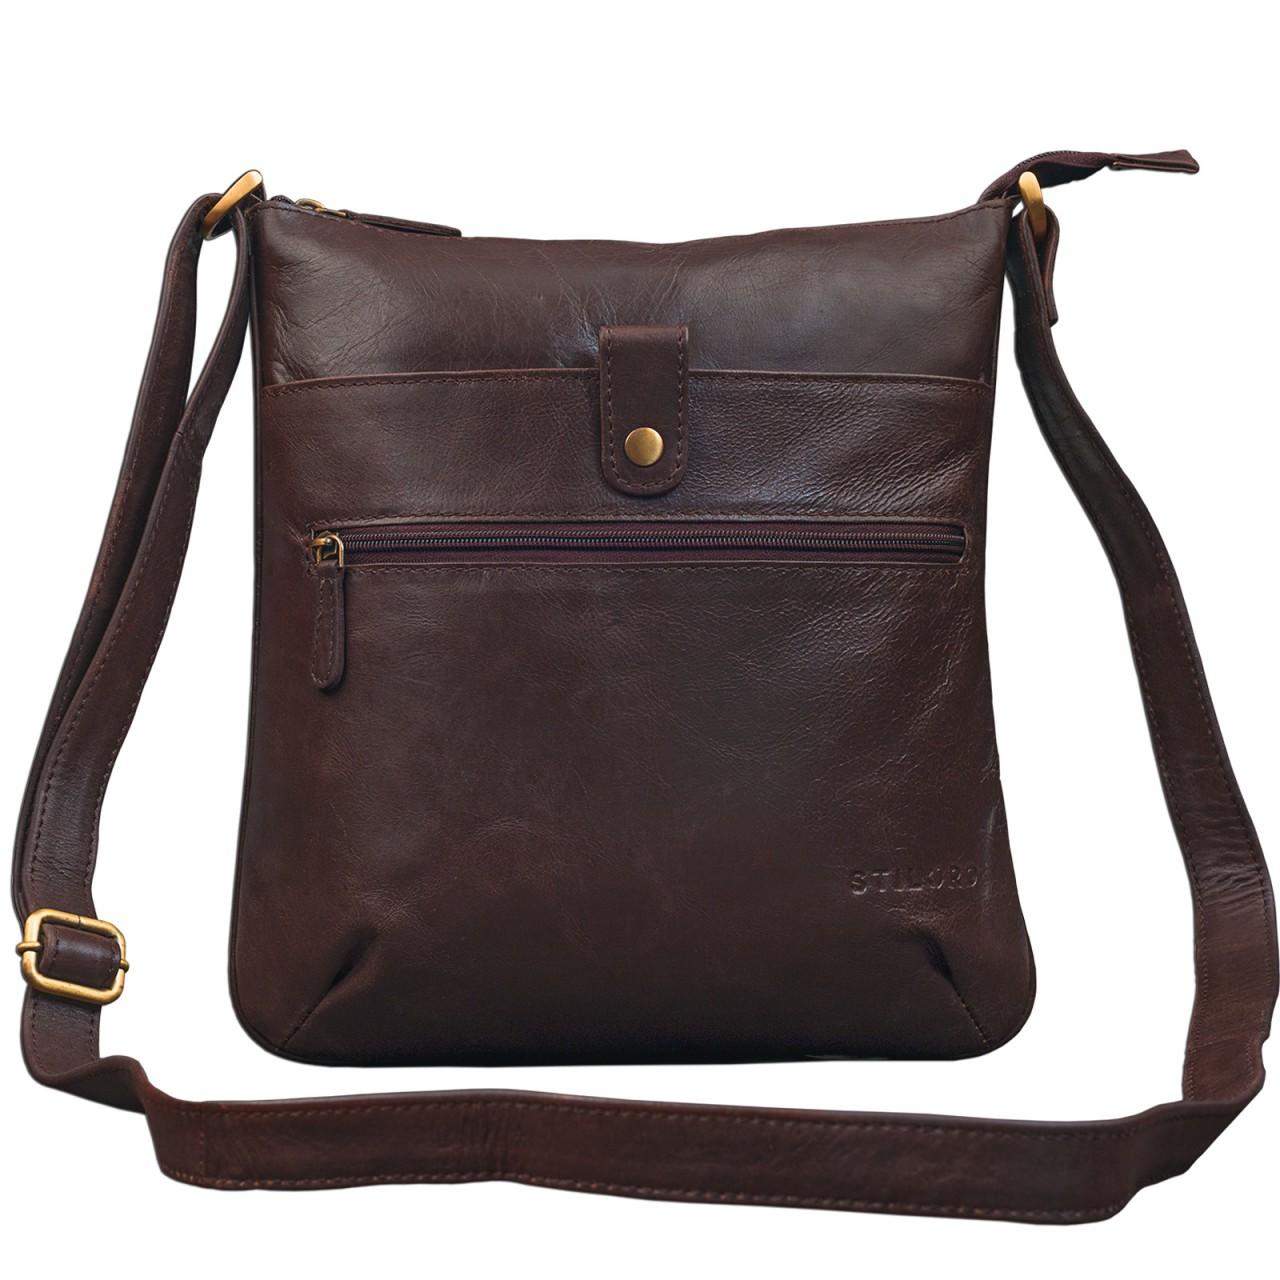 """STILORD """"Lina"""" Elegante Vintage Damen Umhängetasche Schultertasche klein Abendtasche klassische Handtasche 10.1 Zoll Tablettasche echtes Leder - Bild 11"""